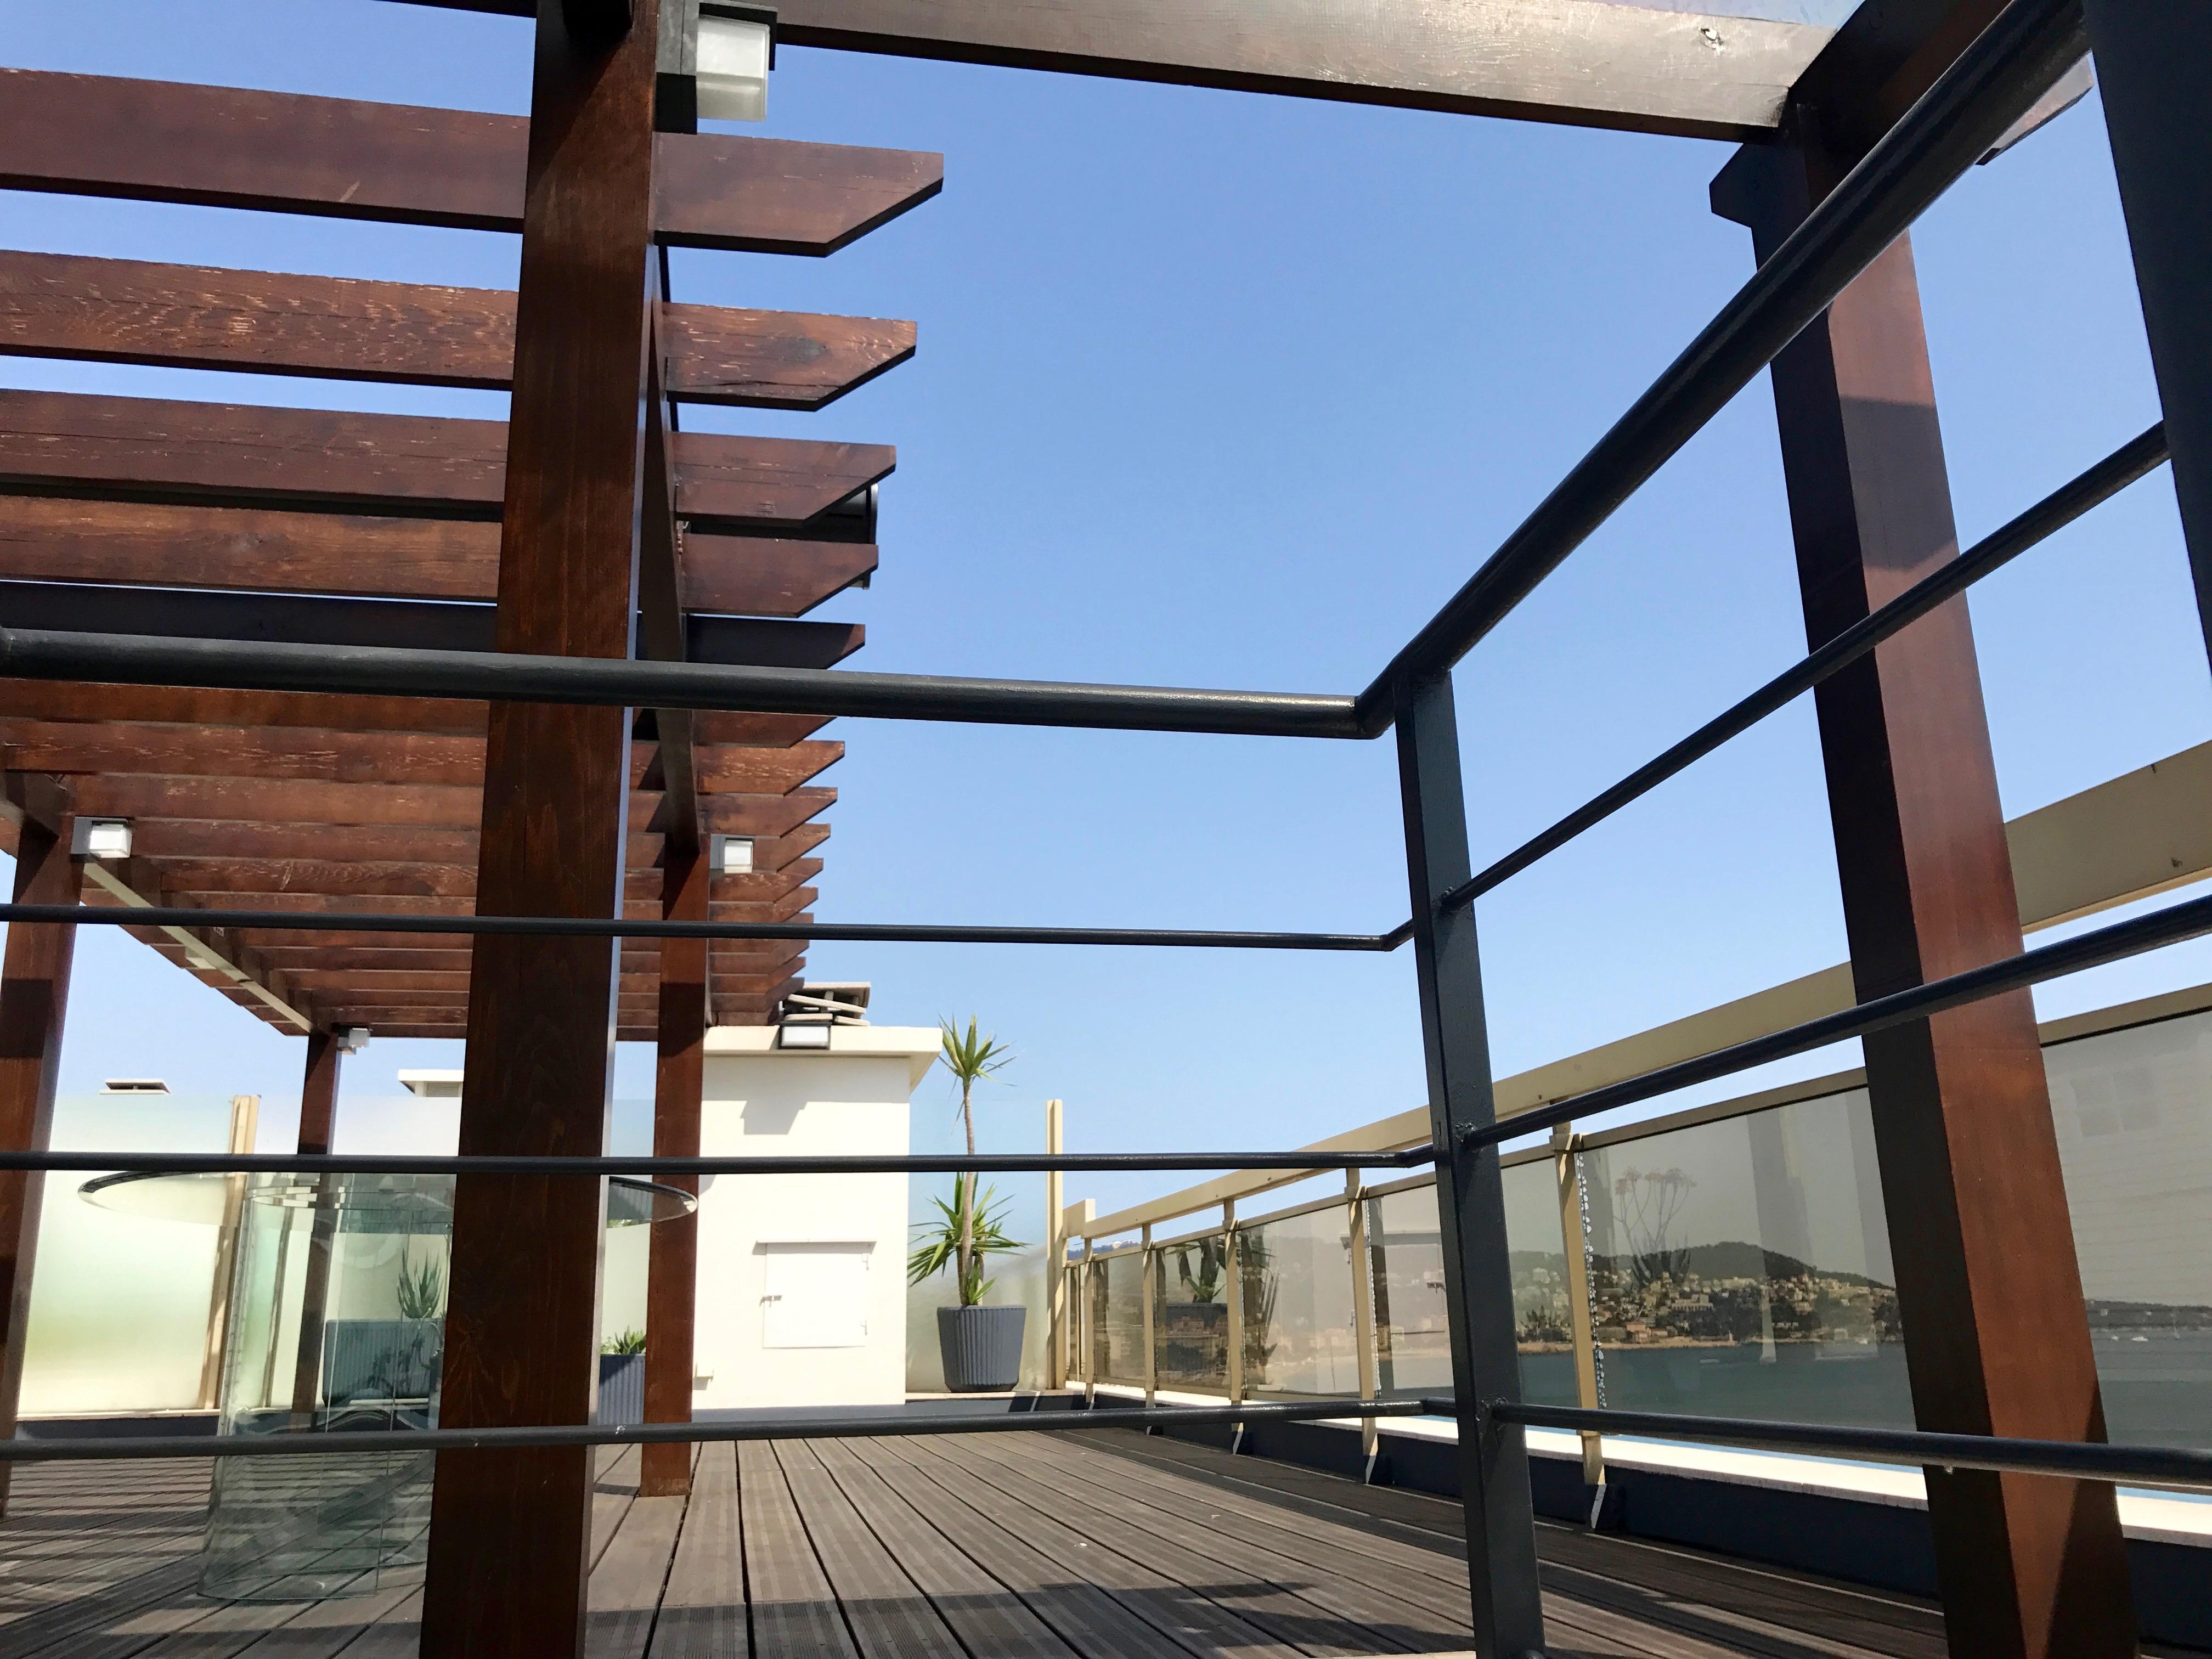 Projet en cours : Penthouse Astrella 79, Promenade des Anglais